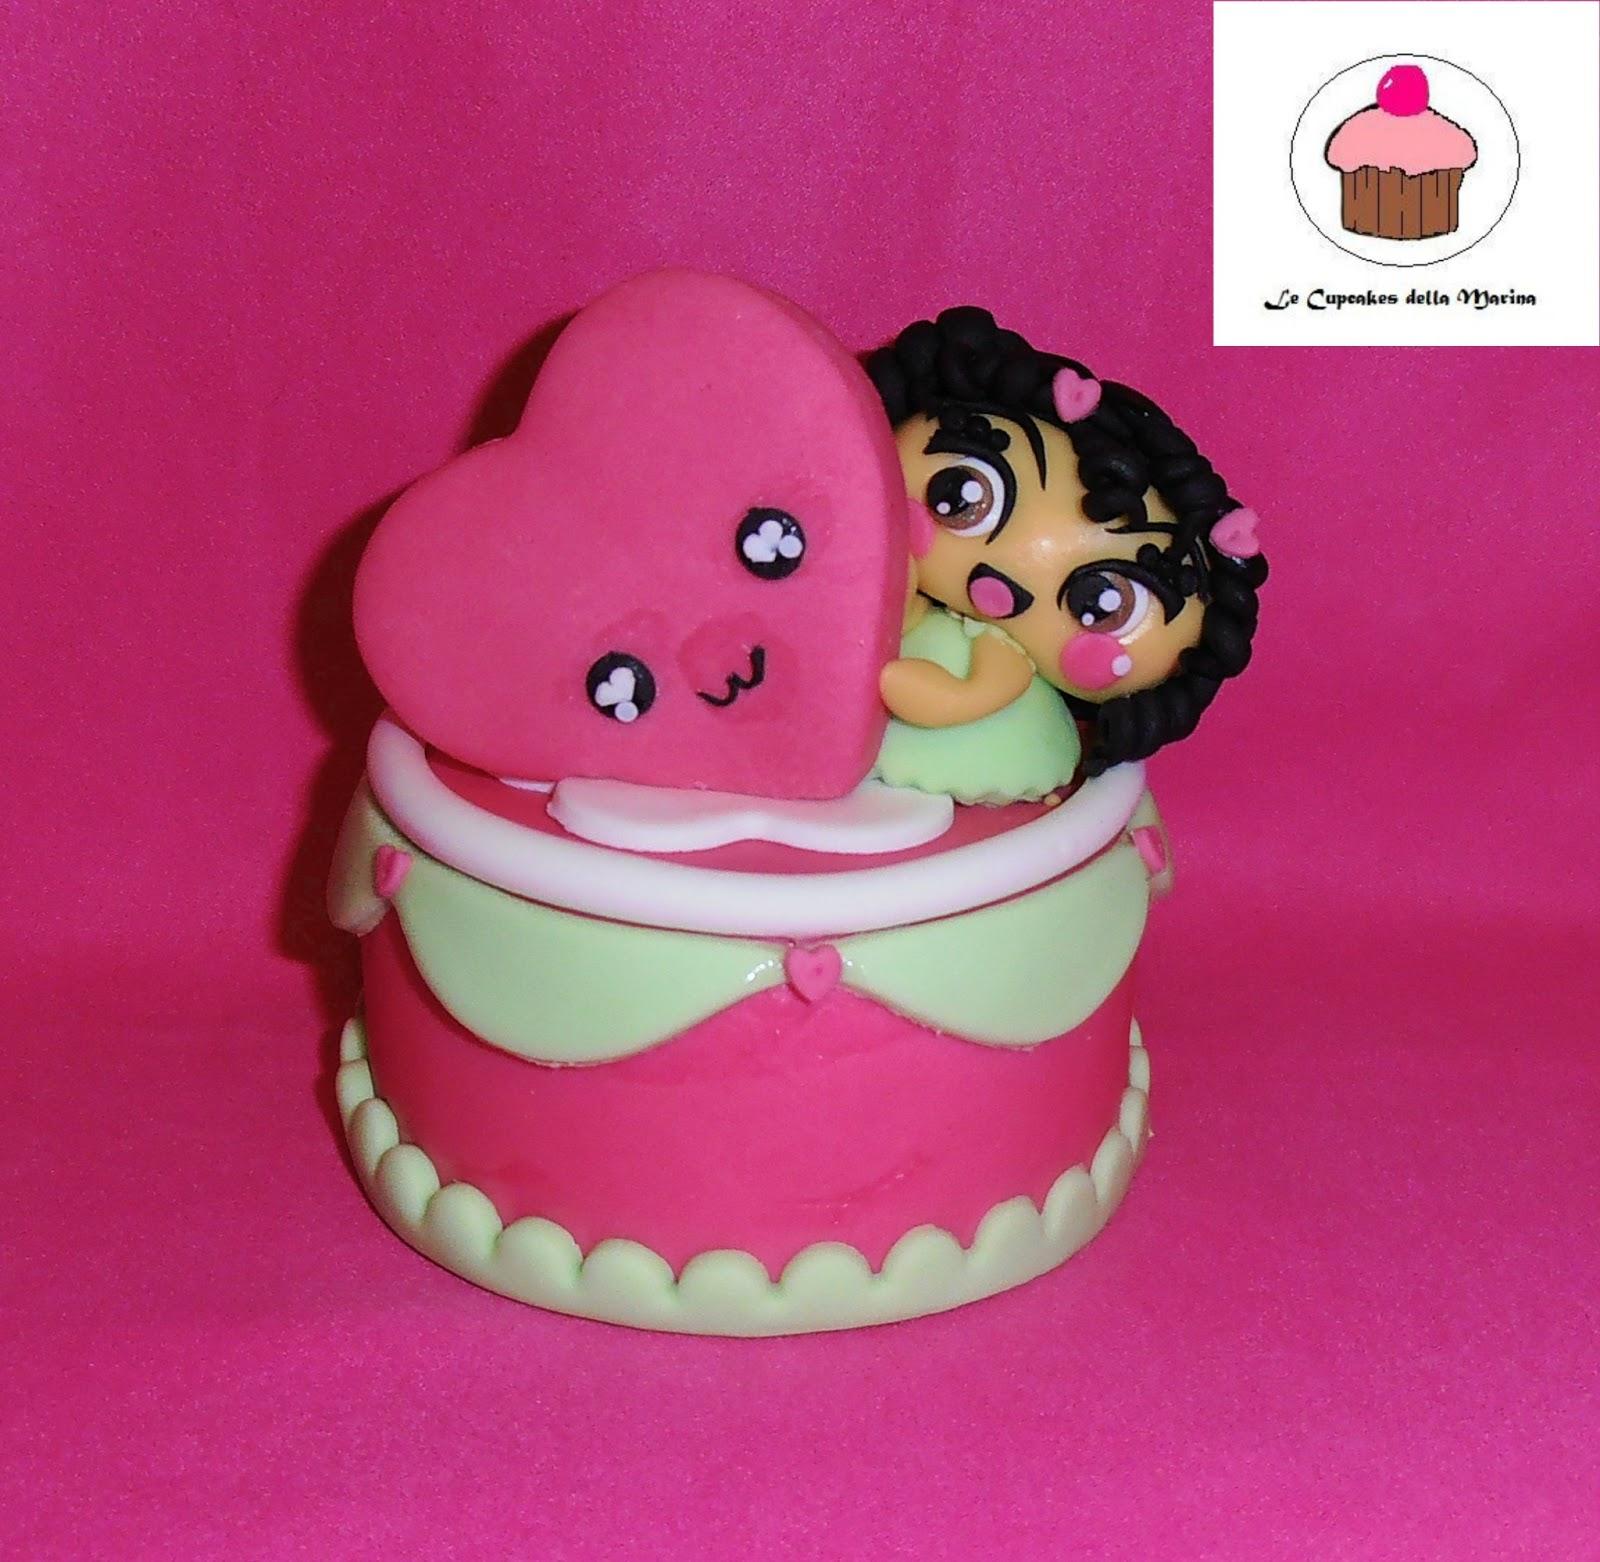 Le Cupcakes della Marina: Corso Cake Design Genova 21 ...